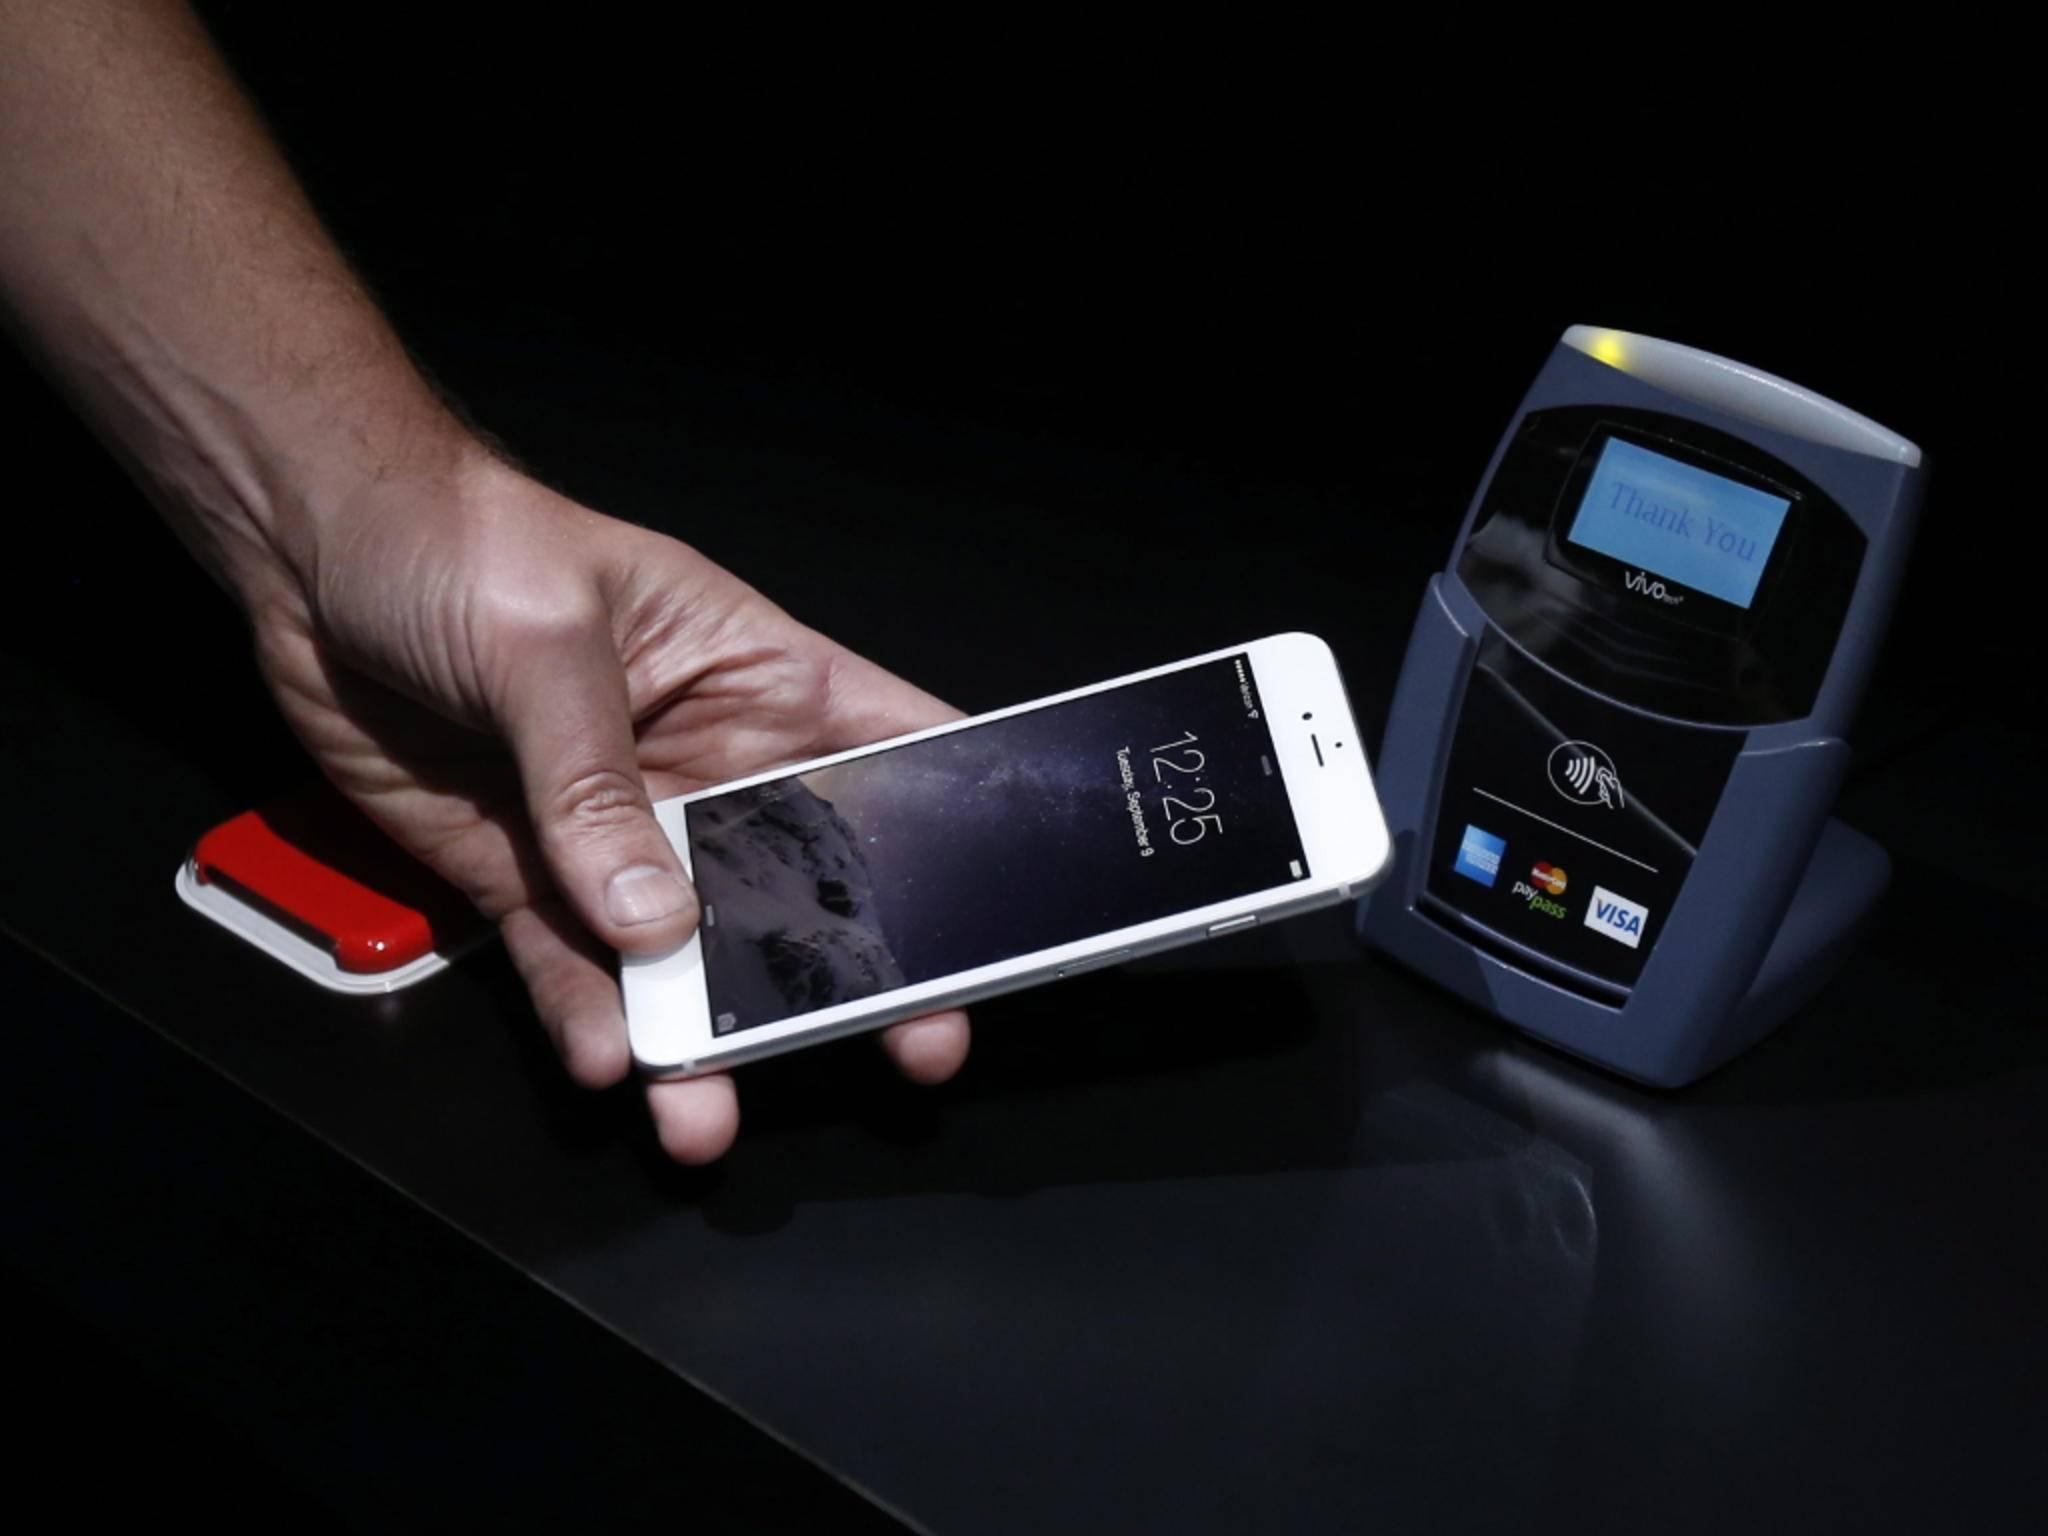 Apple Pay soll bald auch in Europa das Bezahlen vereinfachen.